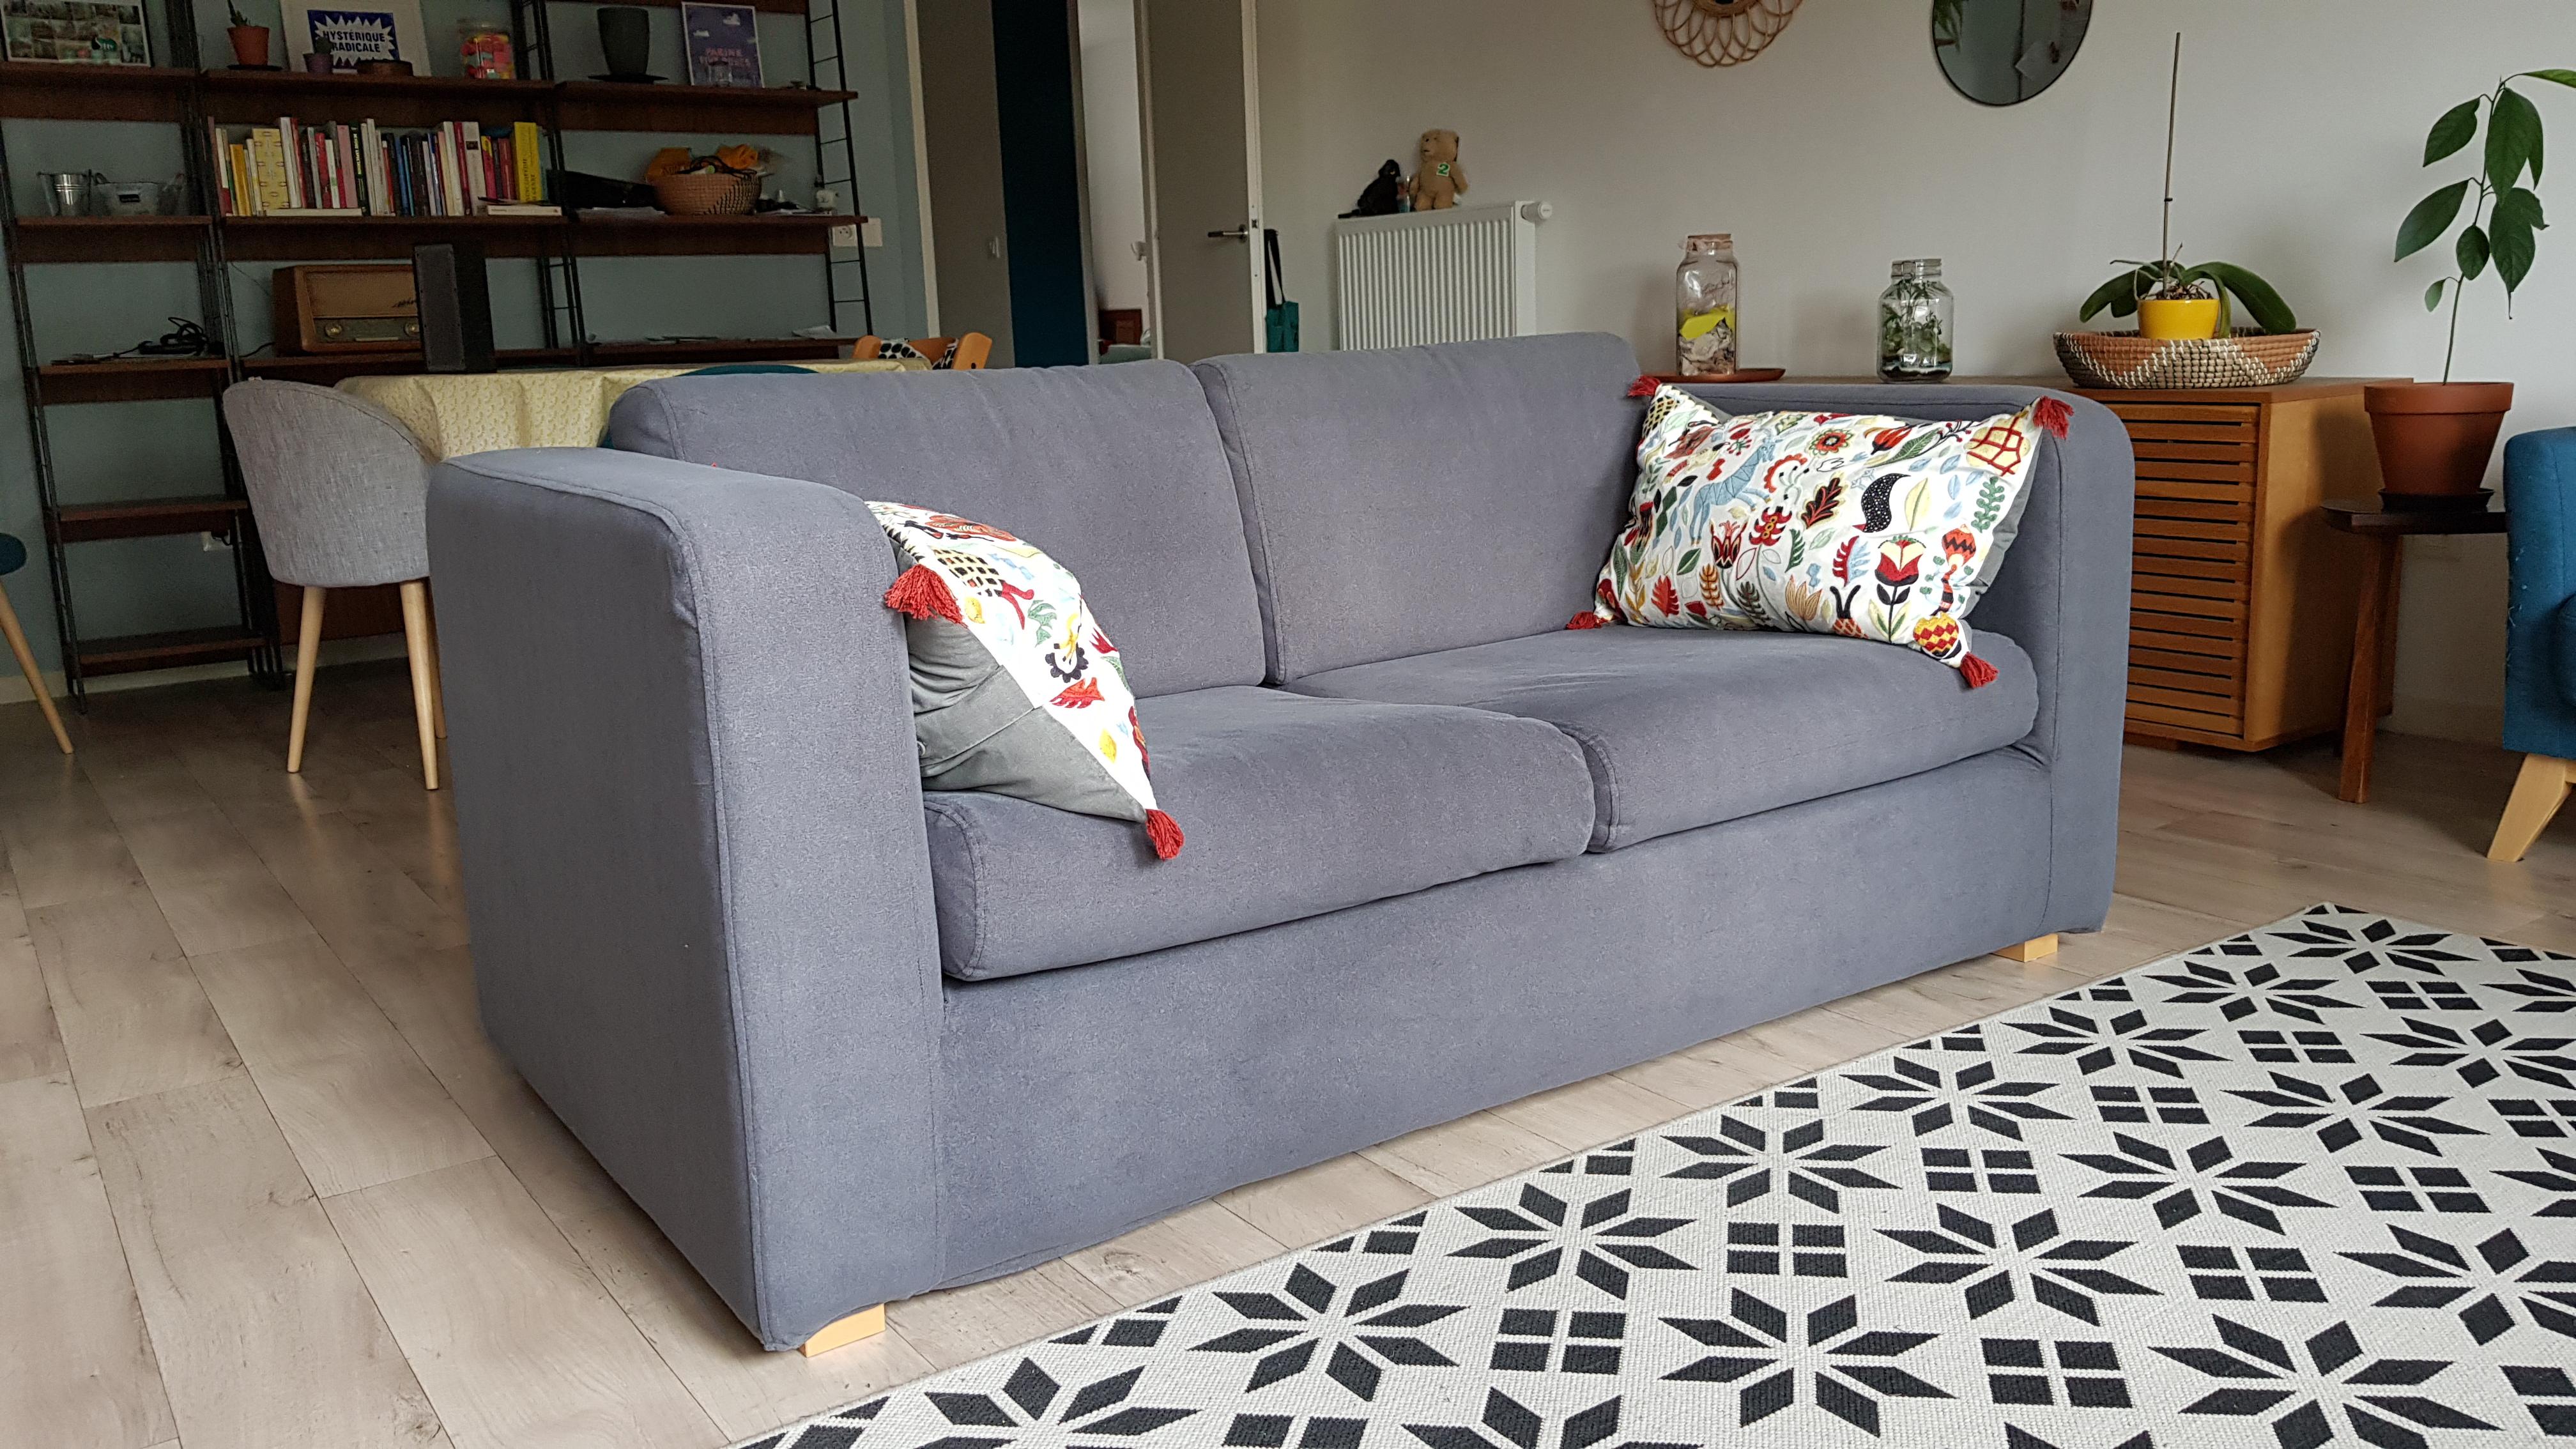 Rénover votre canapé Habitat avec une housse de remplacement